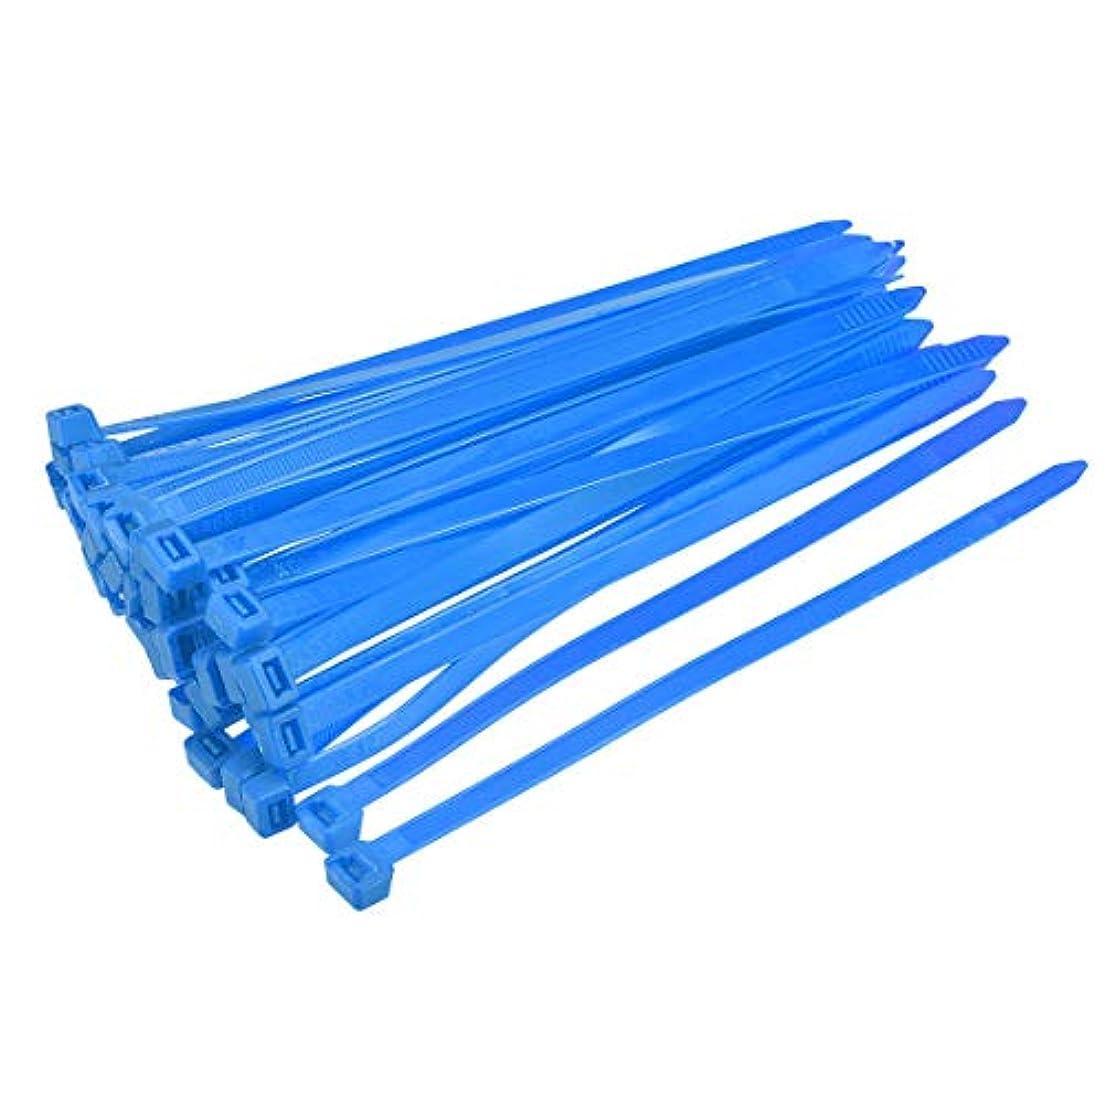 骨折ダンプゴミuxcell ケーブルジップタイ 450 mmx4.2 mmセルフロック ナイロンタイラップ 60個 ブルー 250mmx7.6mm